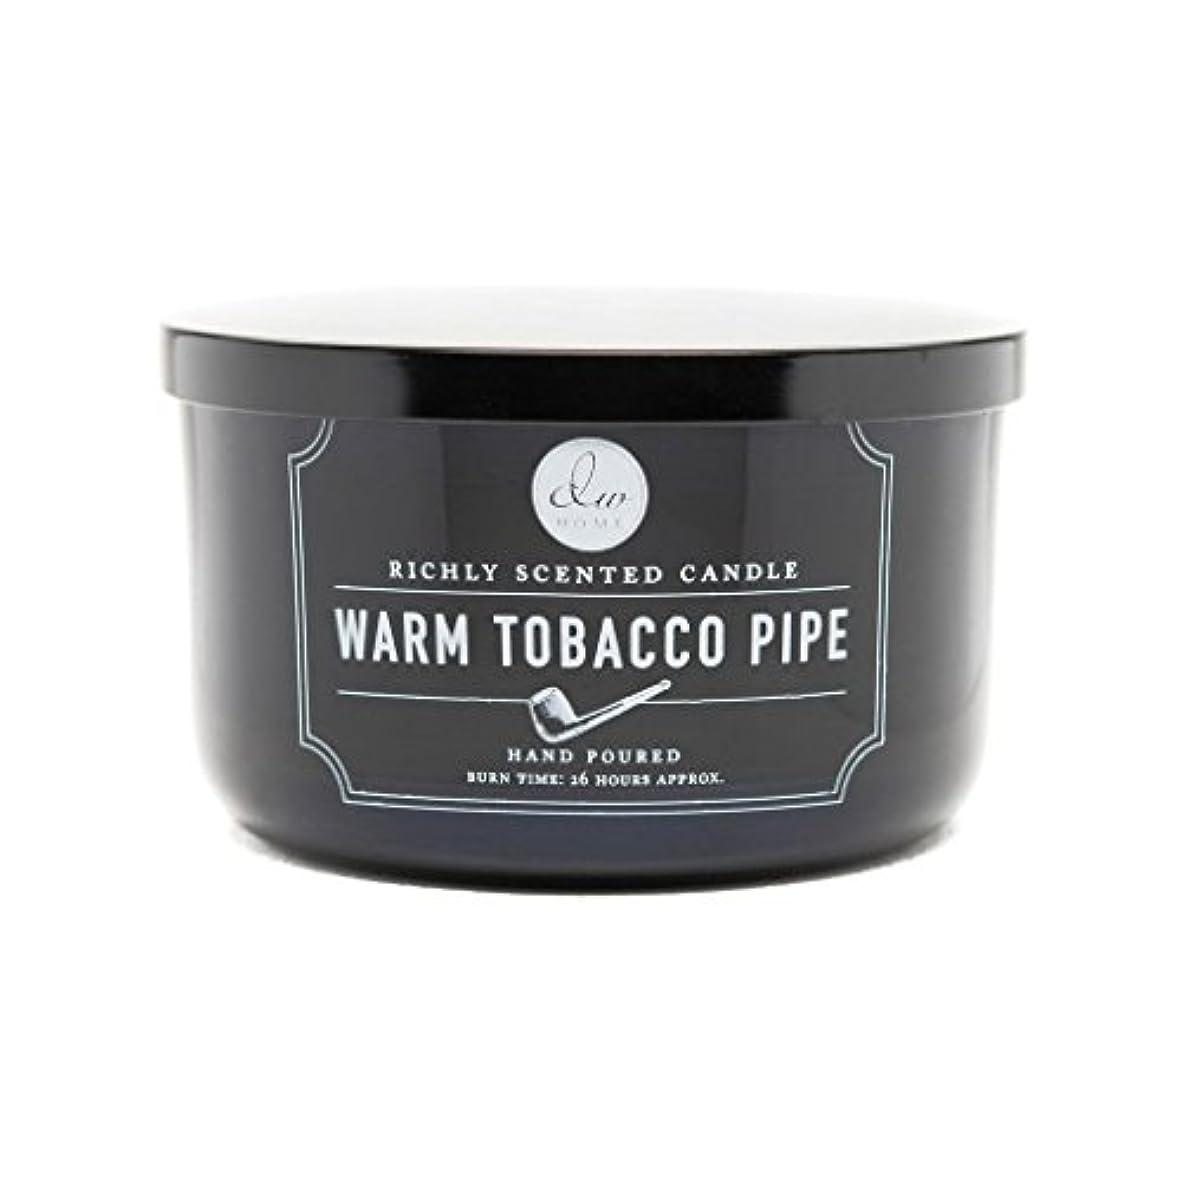 卒業記念アルバム定義するエミュレーションDecoware Richly Scented Warm Tobacco Pipe 3-Wick Candle 13.8 Oz. In Glass by Decoware